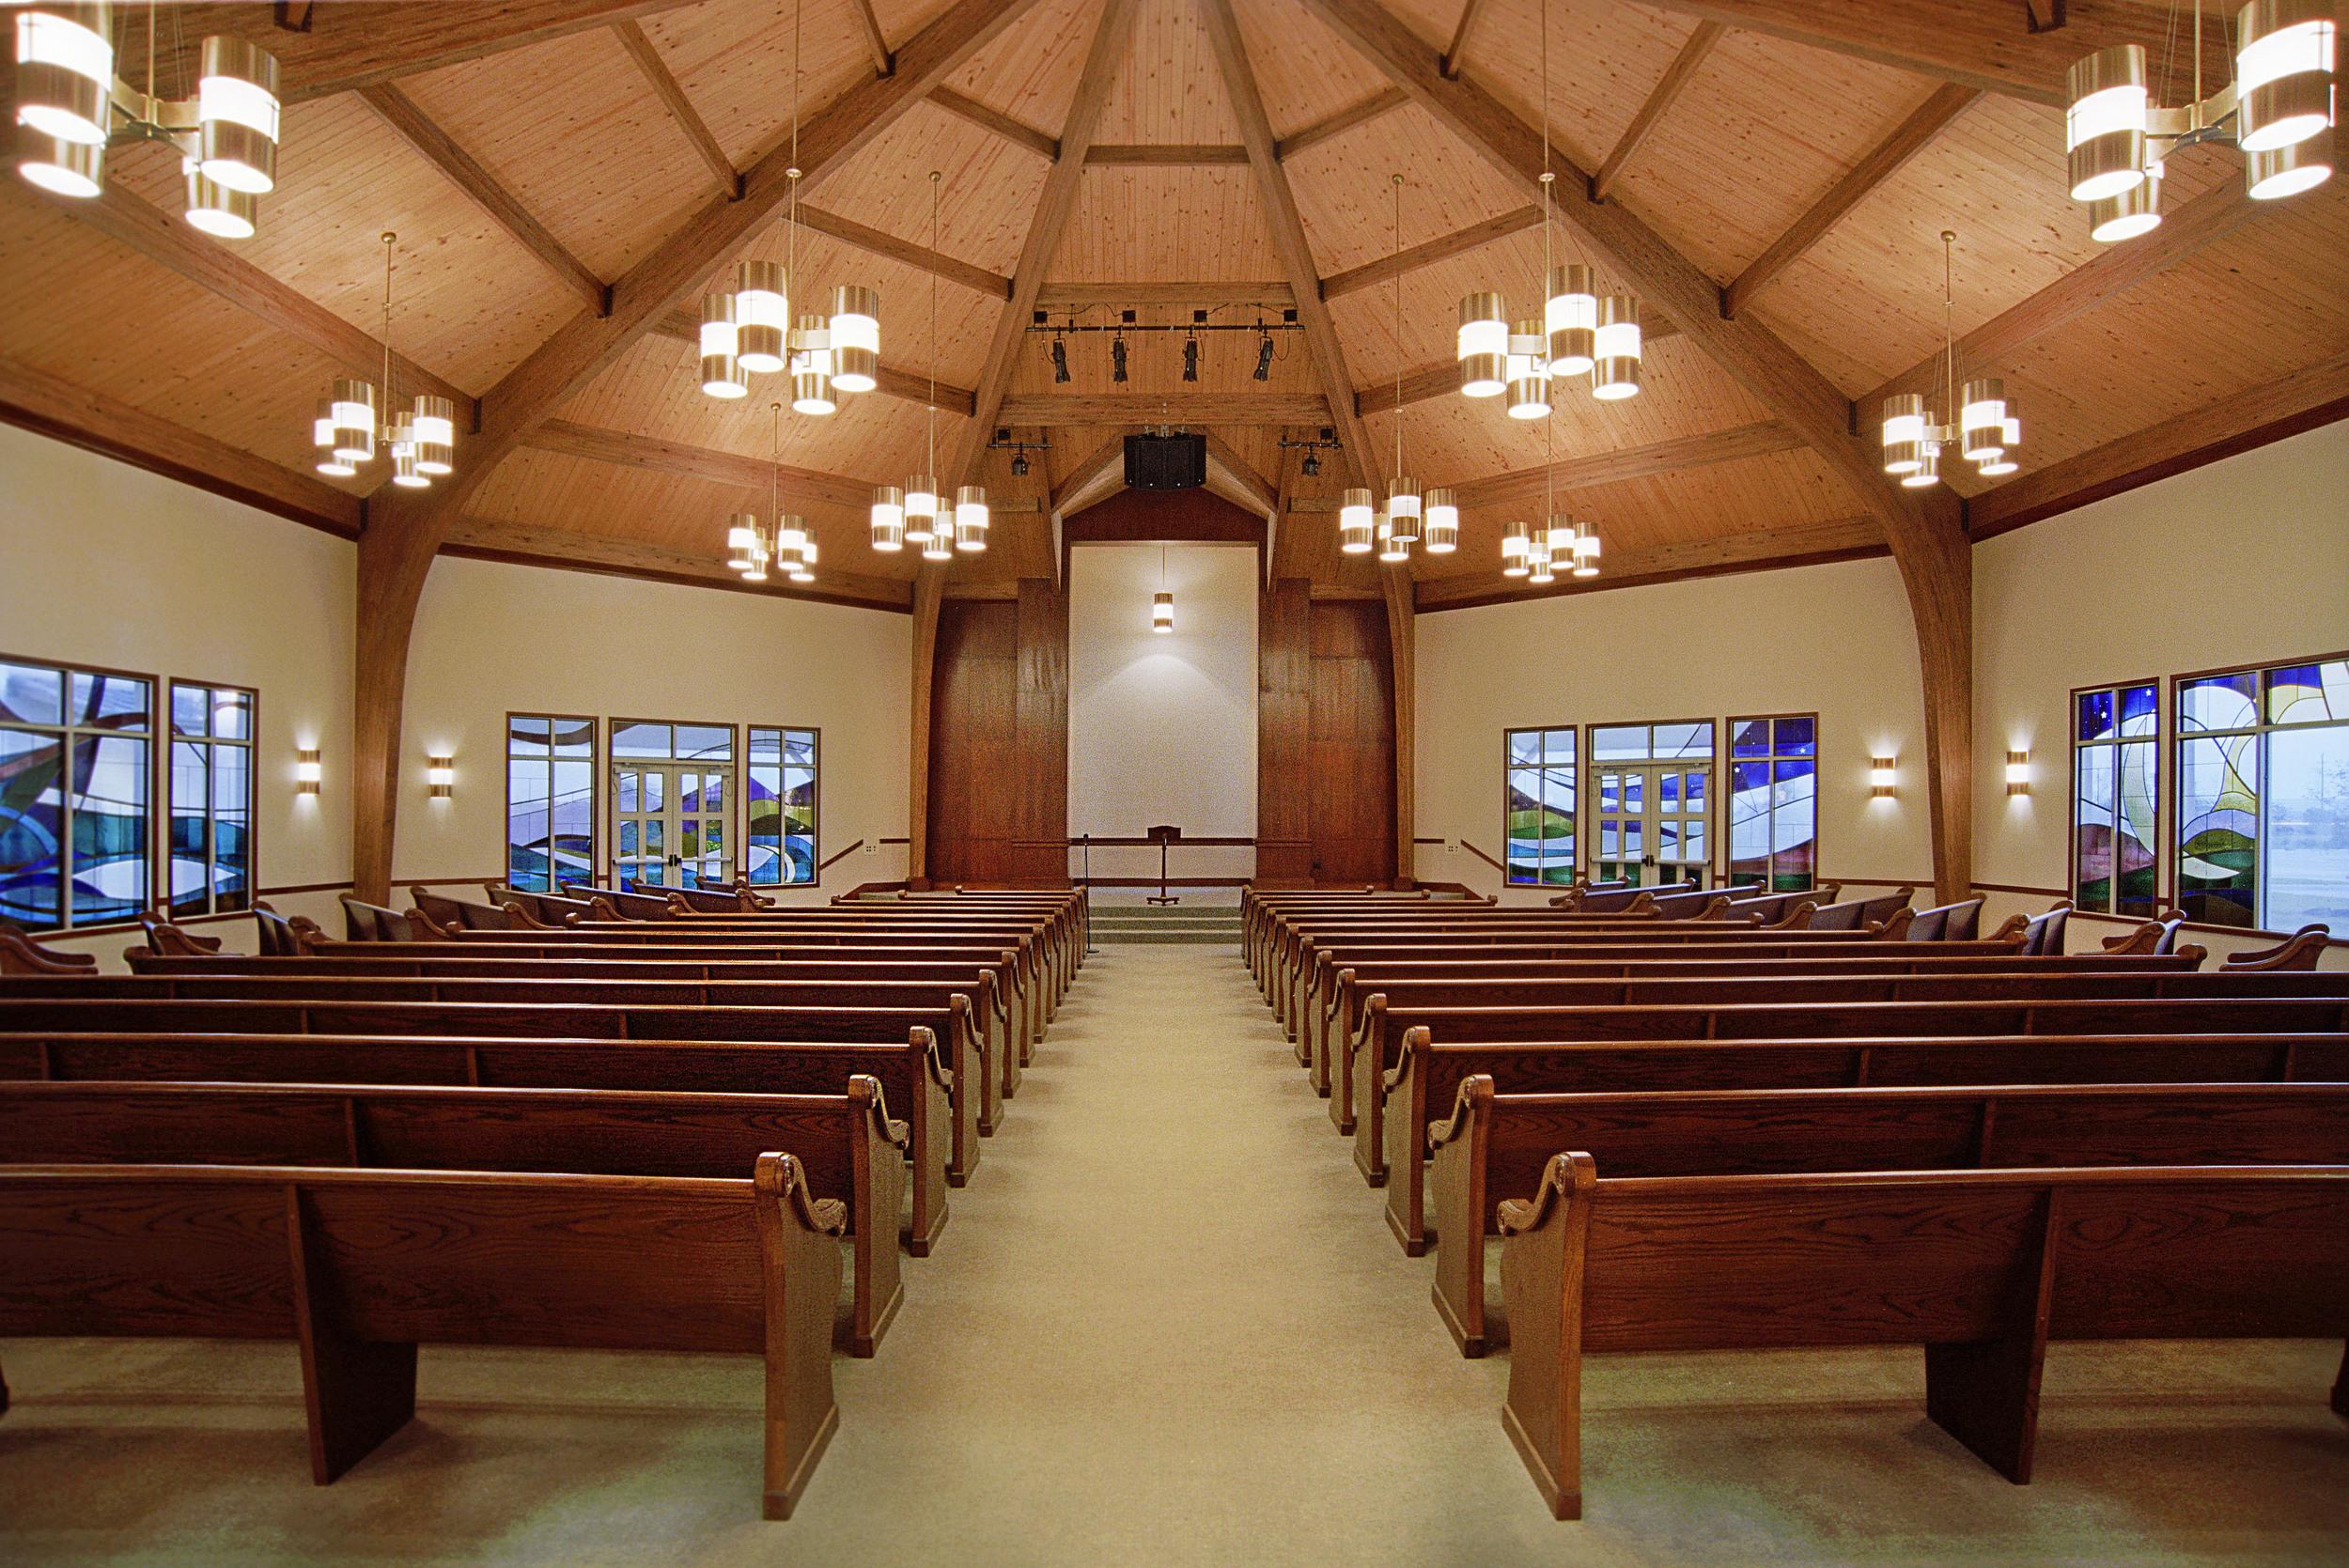 WHCOC Chapel Interior.jpg